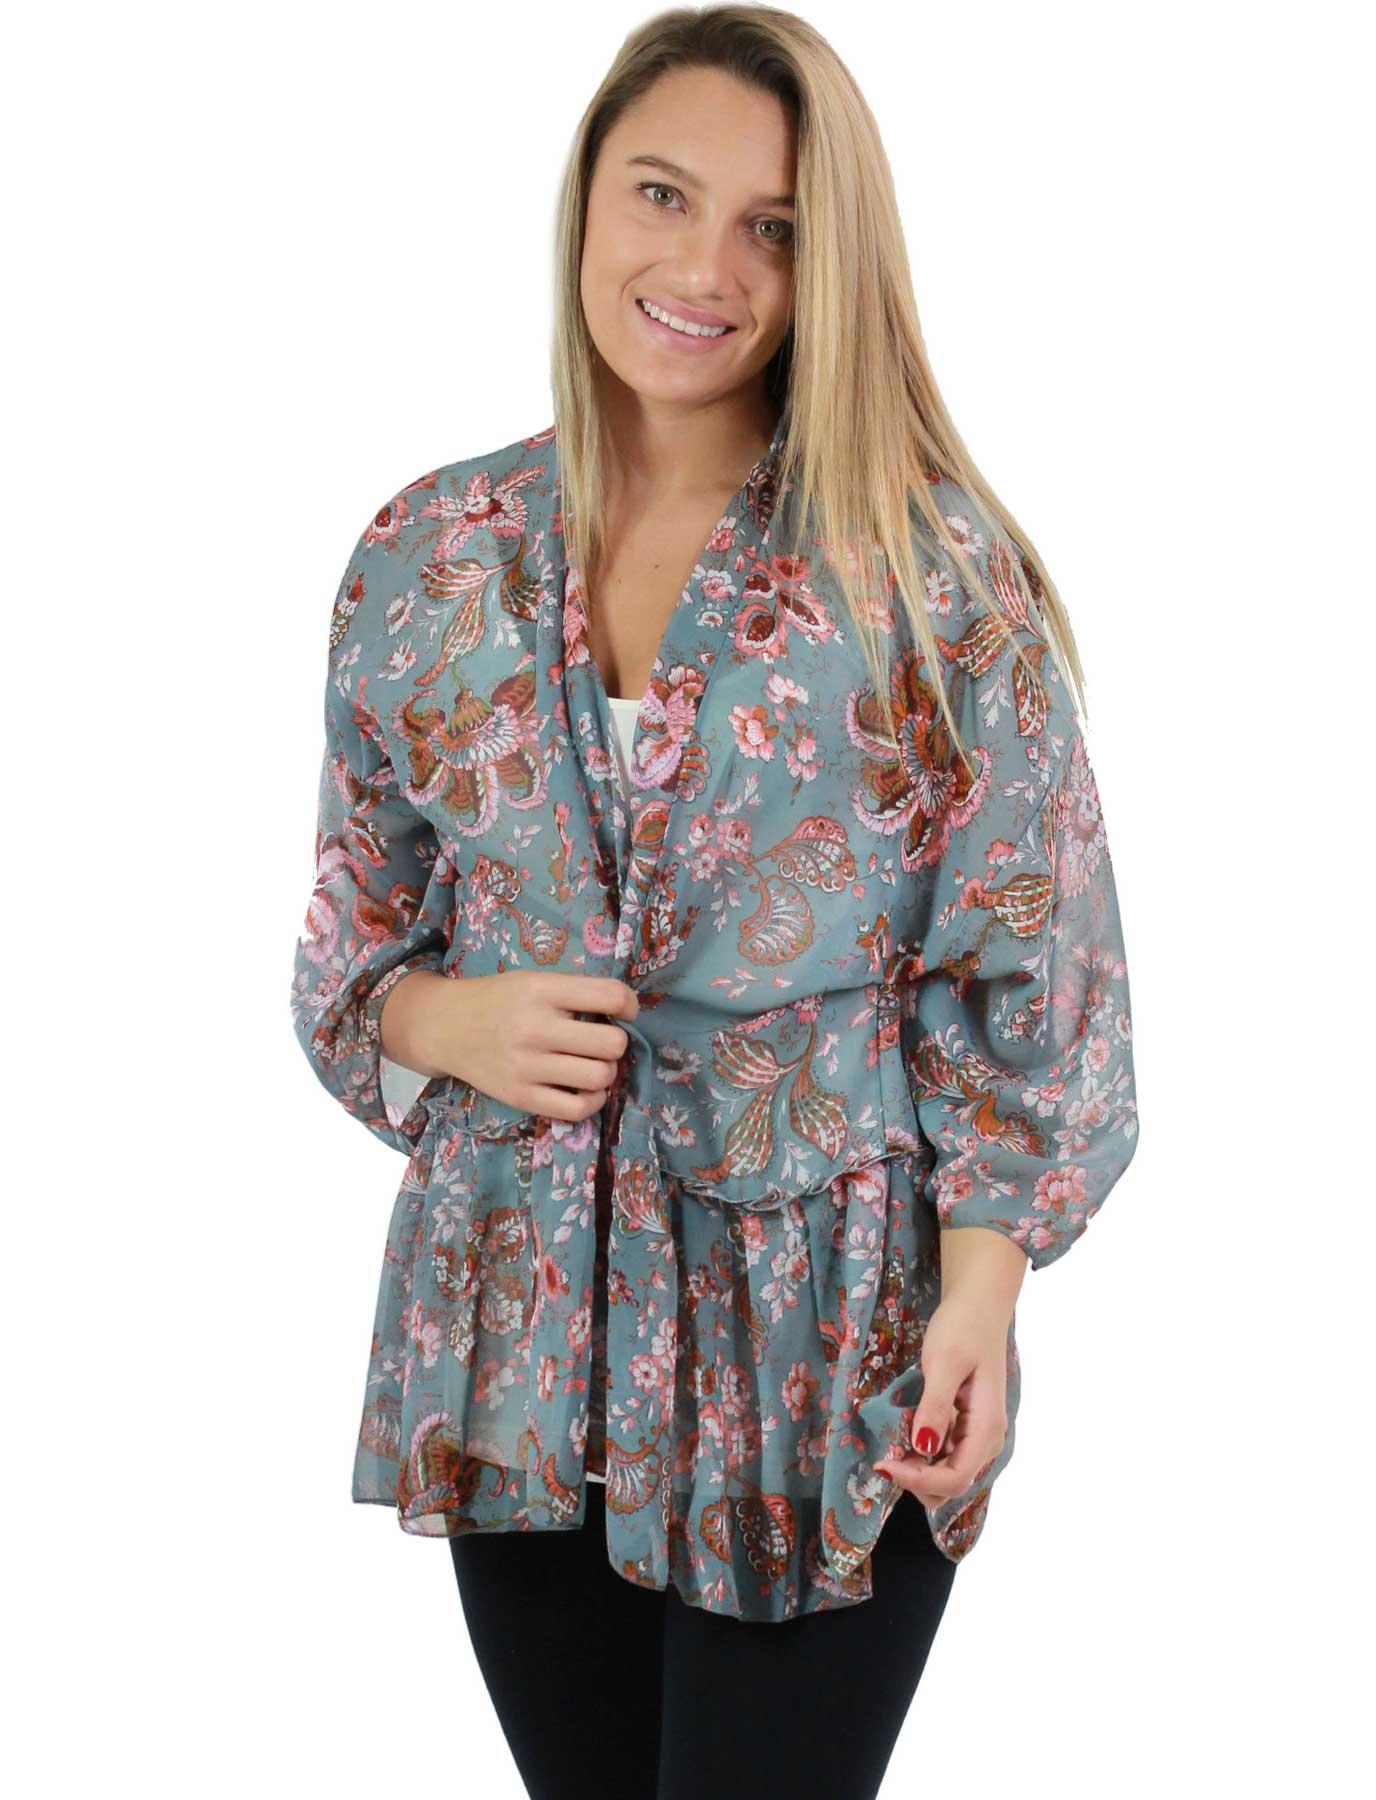 wholesale Chiffon Kimono - Ruffled Flower Print 1256